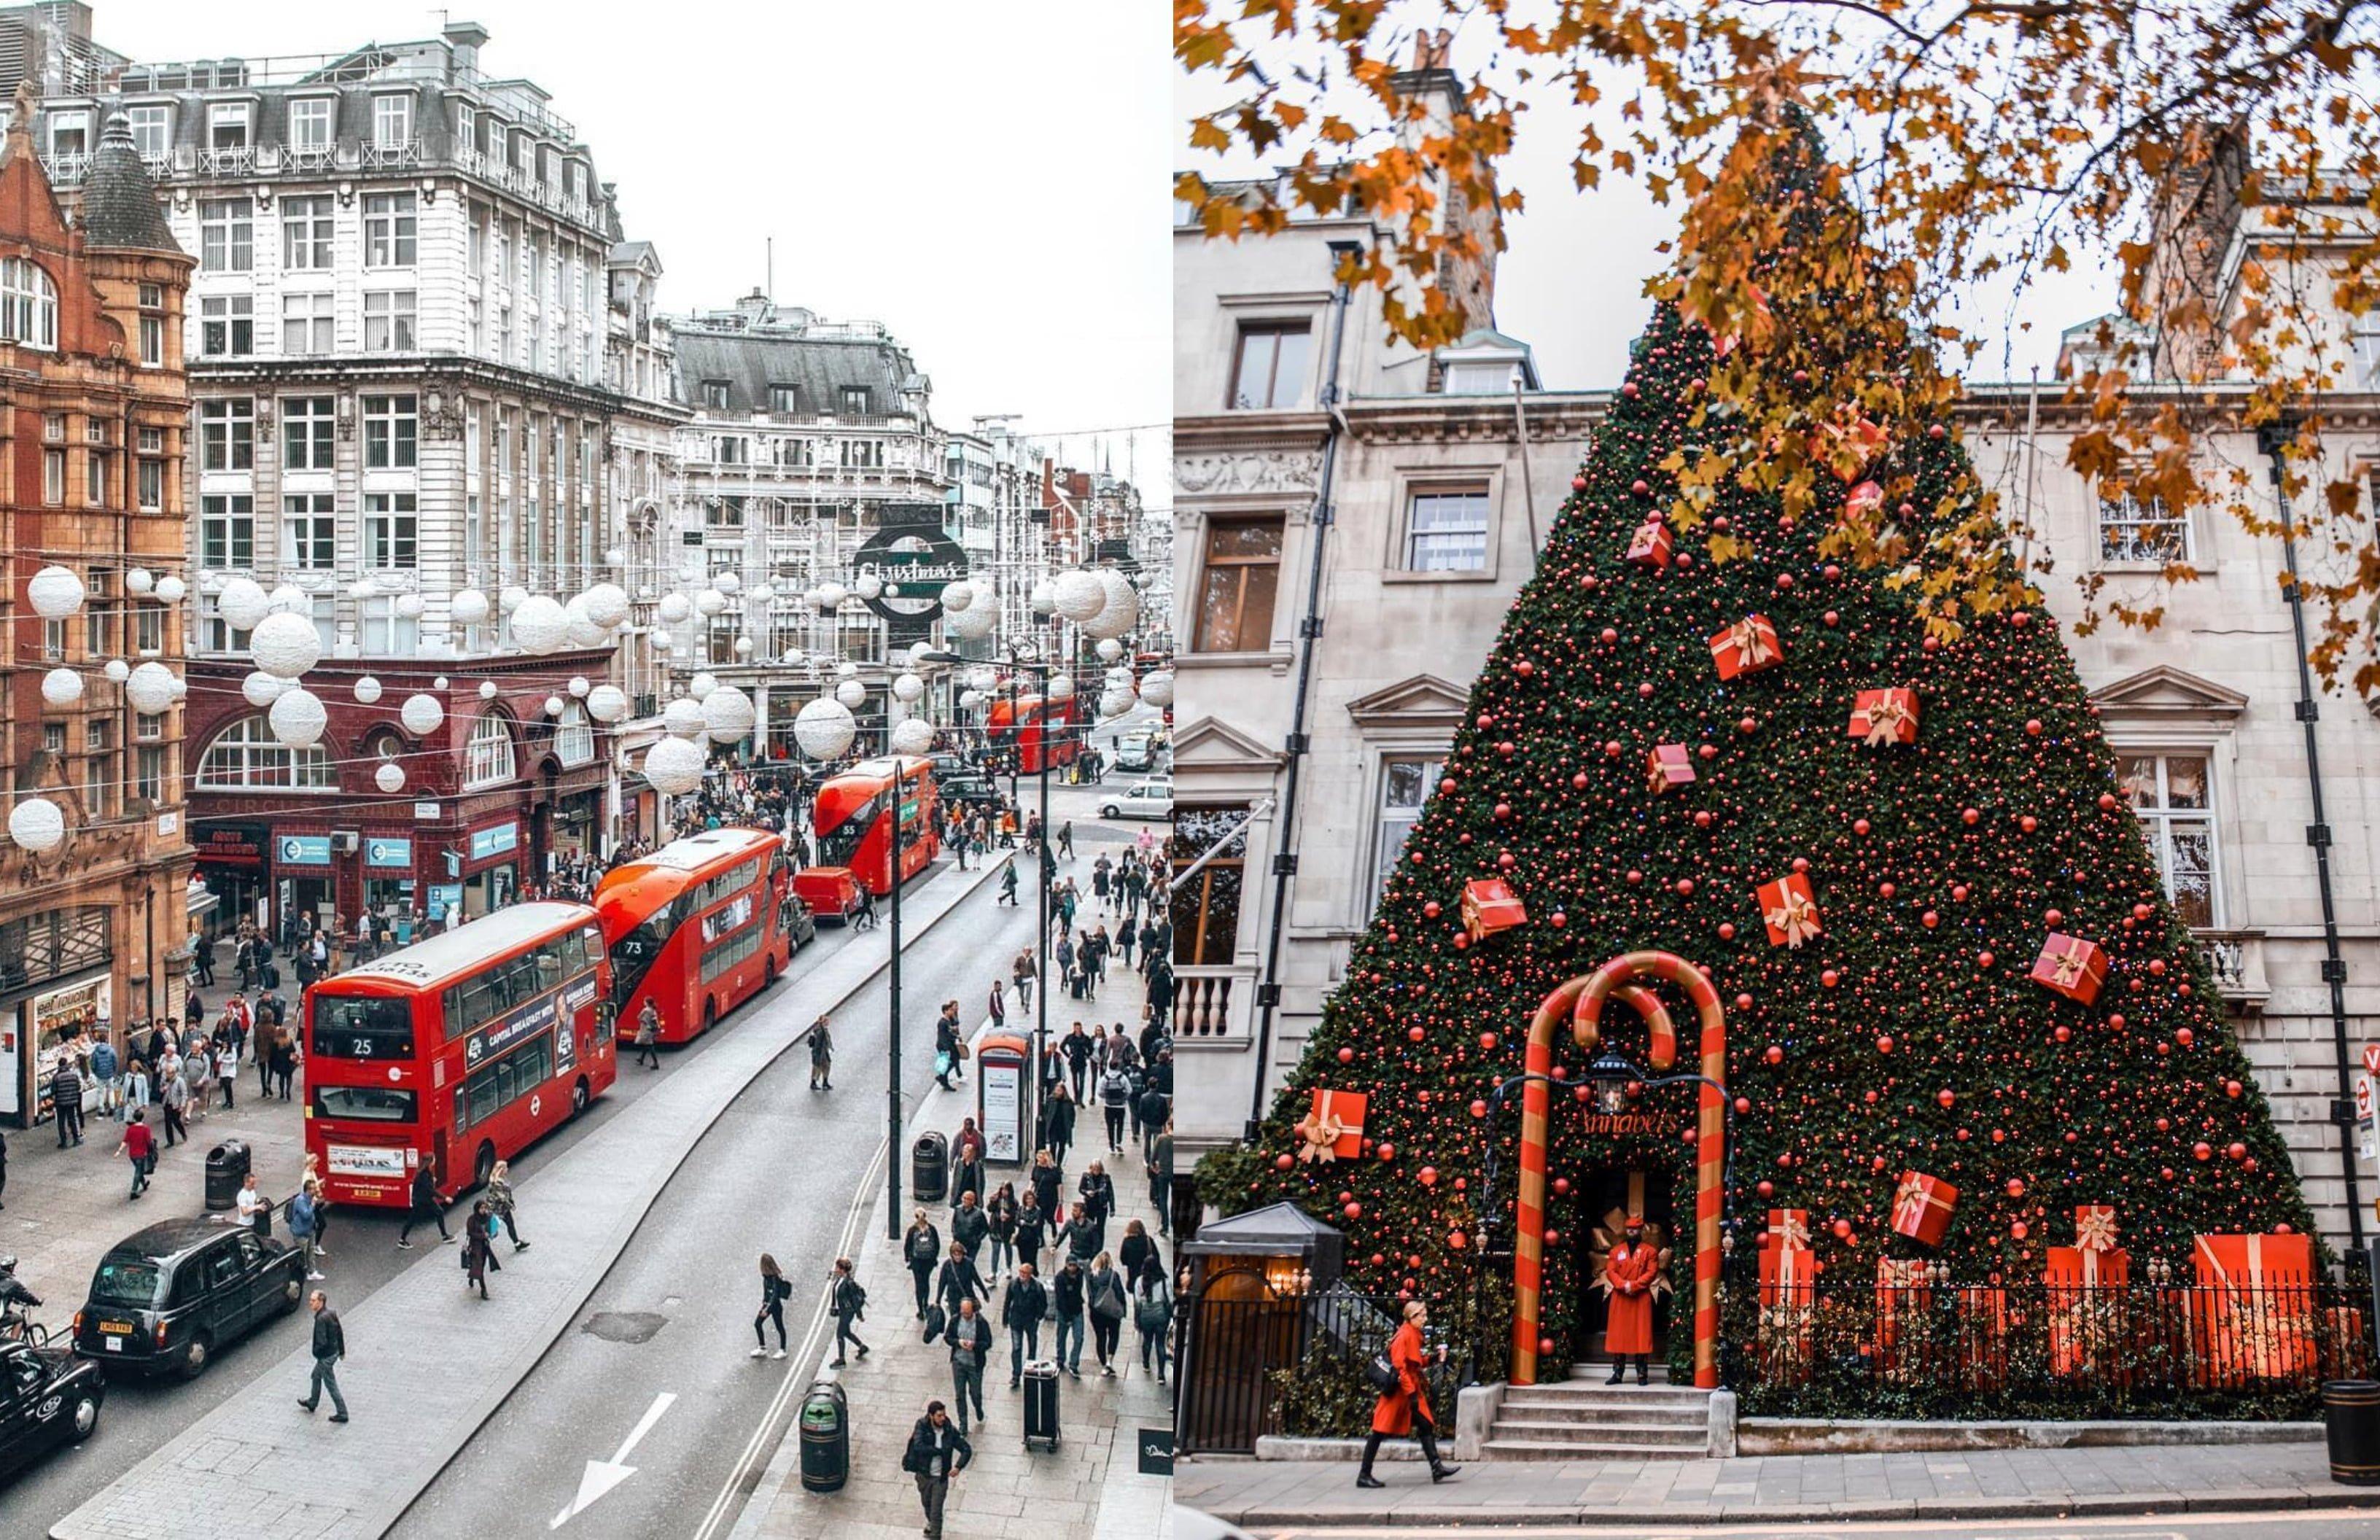 Magični prizori Londona u adventsko vrijeme natjerat će vas da odmah rezervirate avionsku kartu